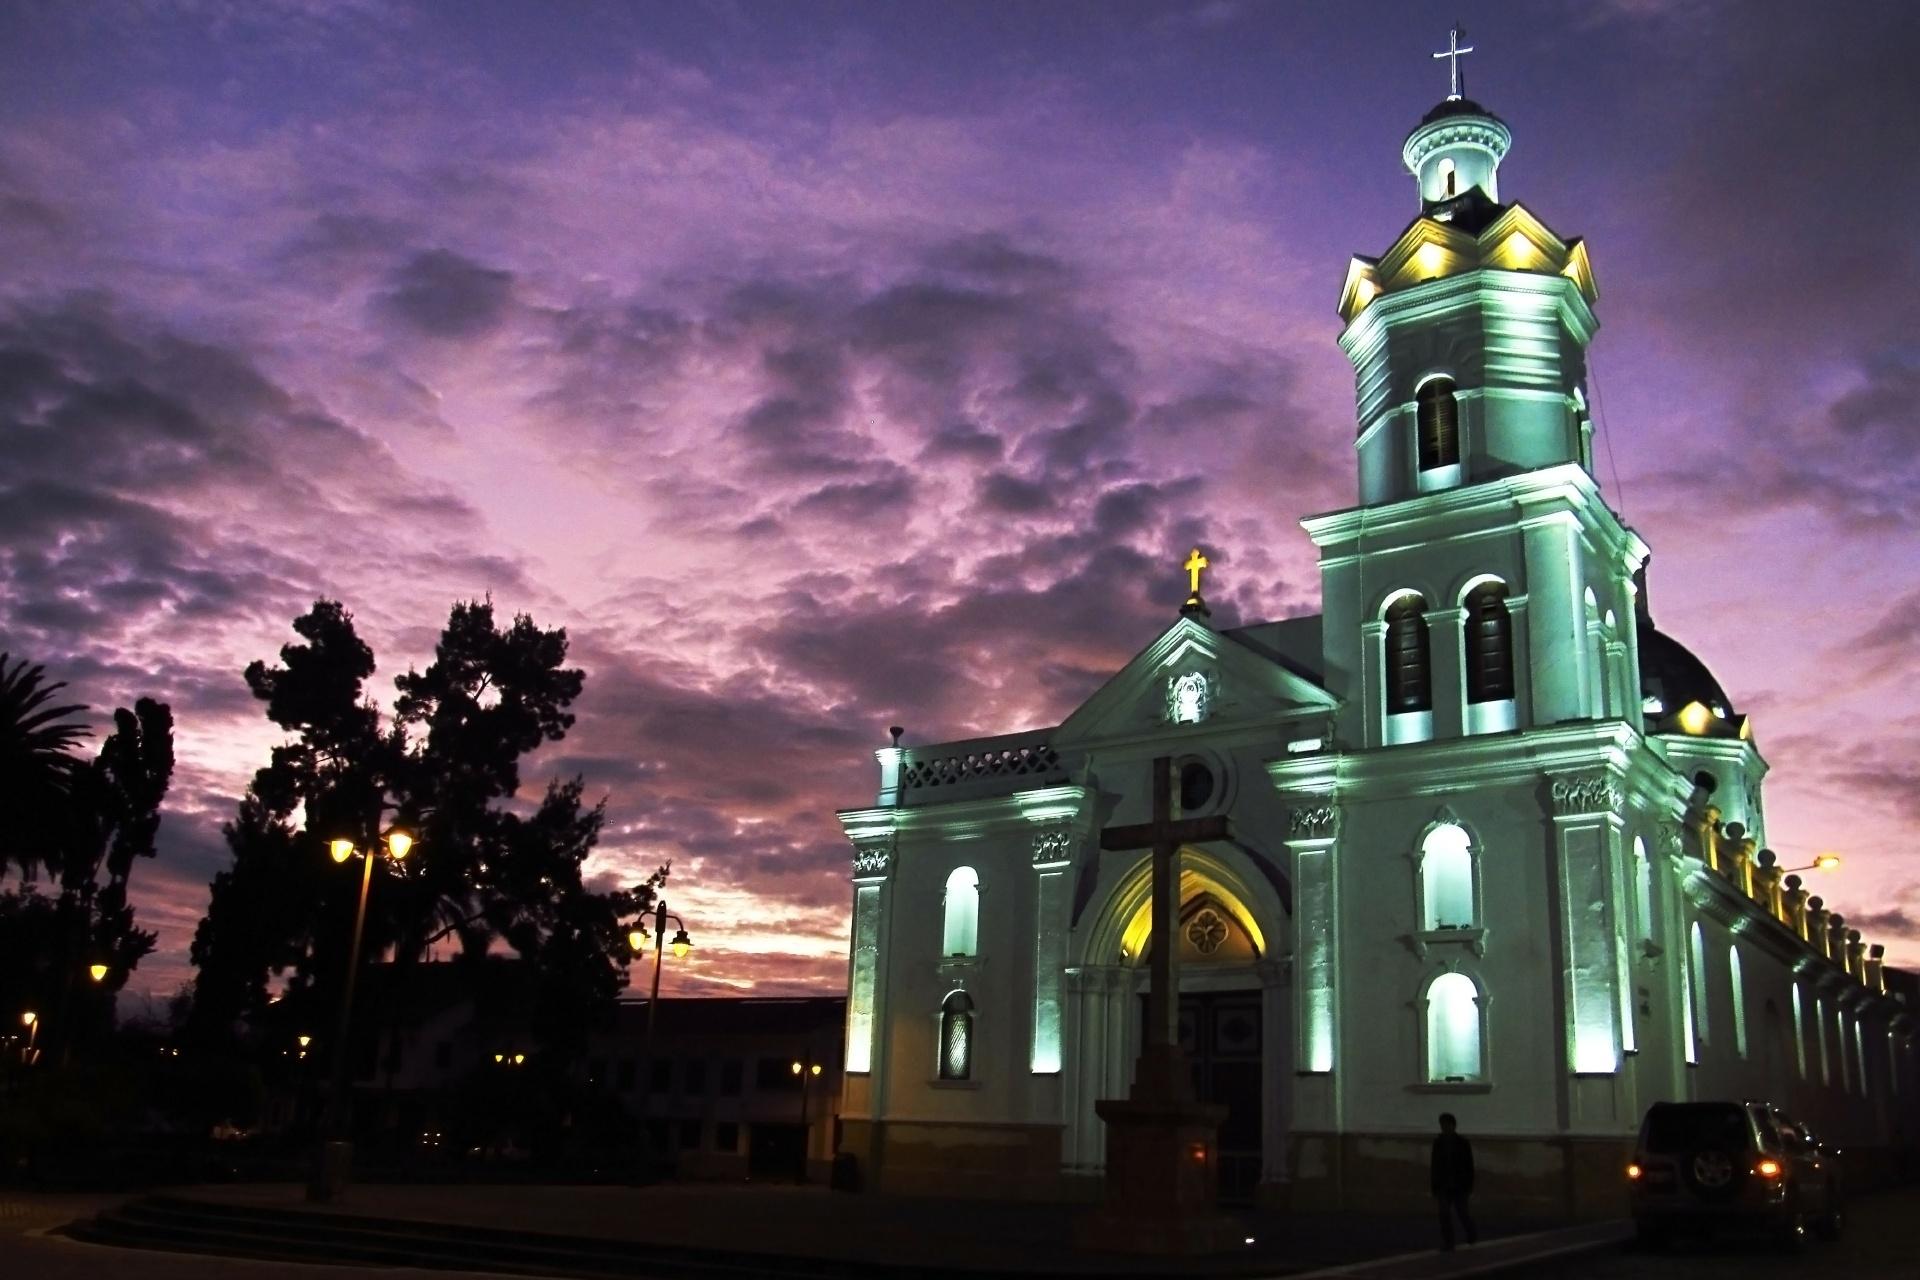 夕暮れのクエンカ エクアドルの風景